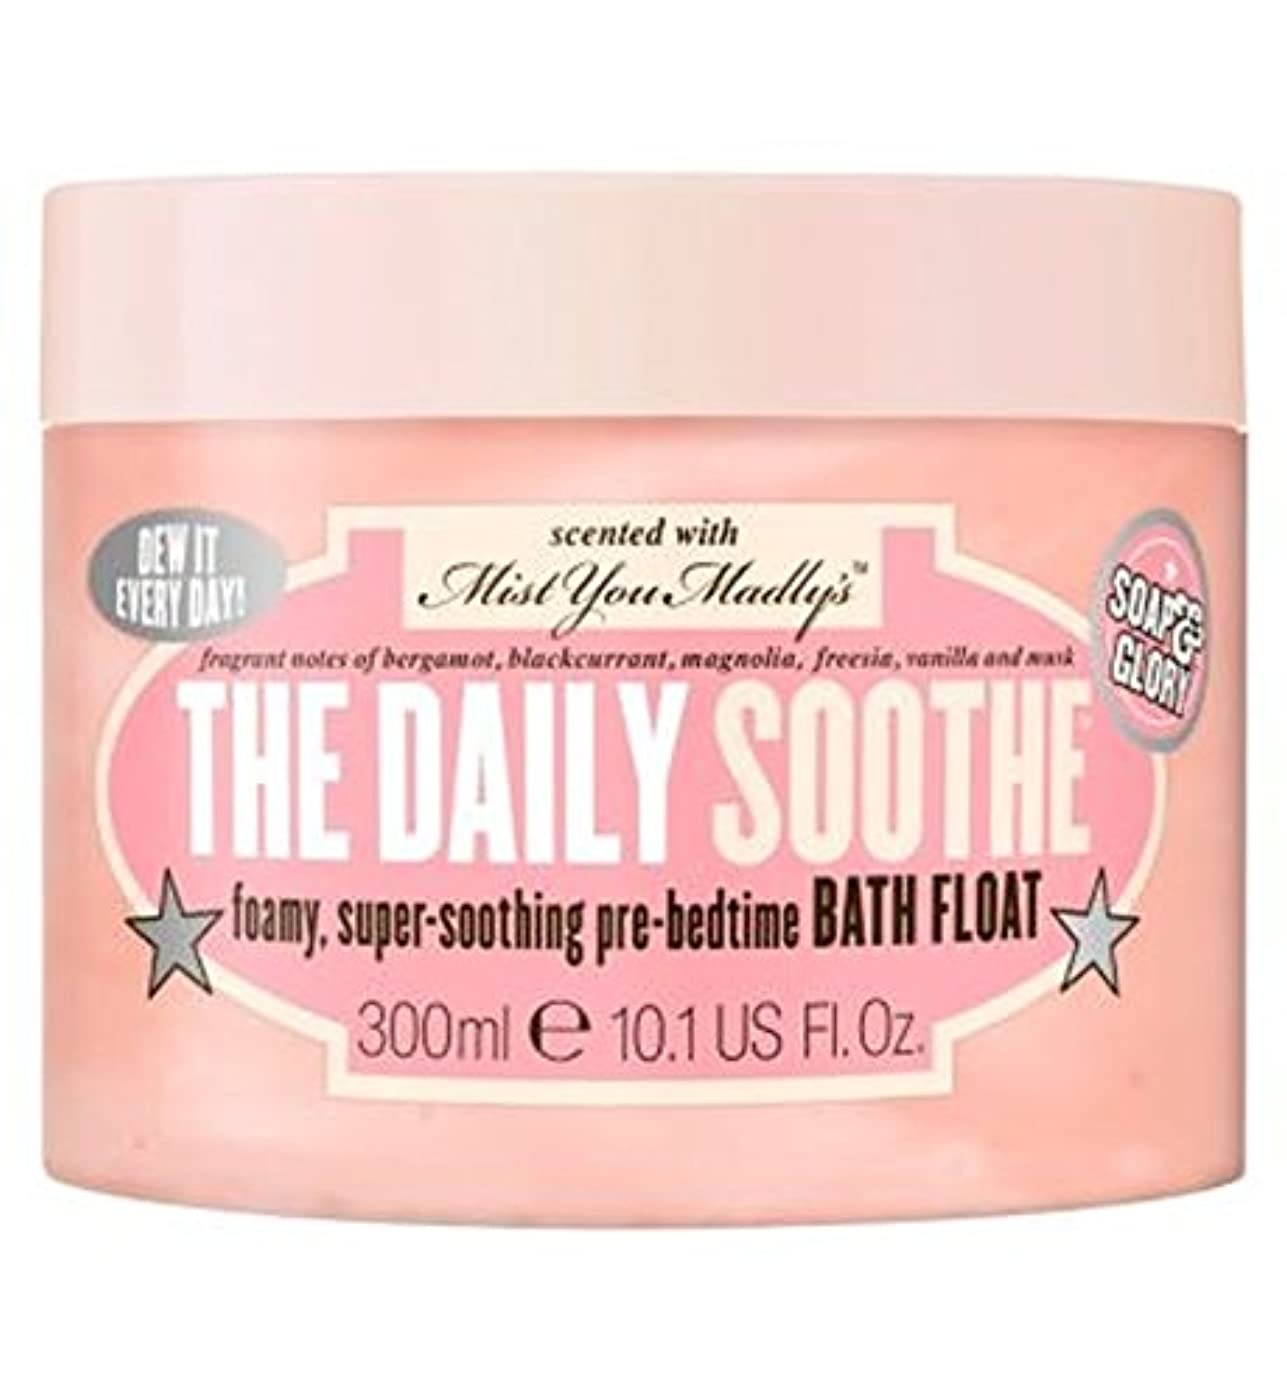 投票フィヨルド悪いSoap & Glory The Daily Soothe Bath Float - 石鹸&栄光毎日癒すバスフロート (Soap & Glory) [並行輸入品]